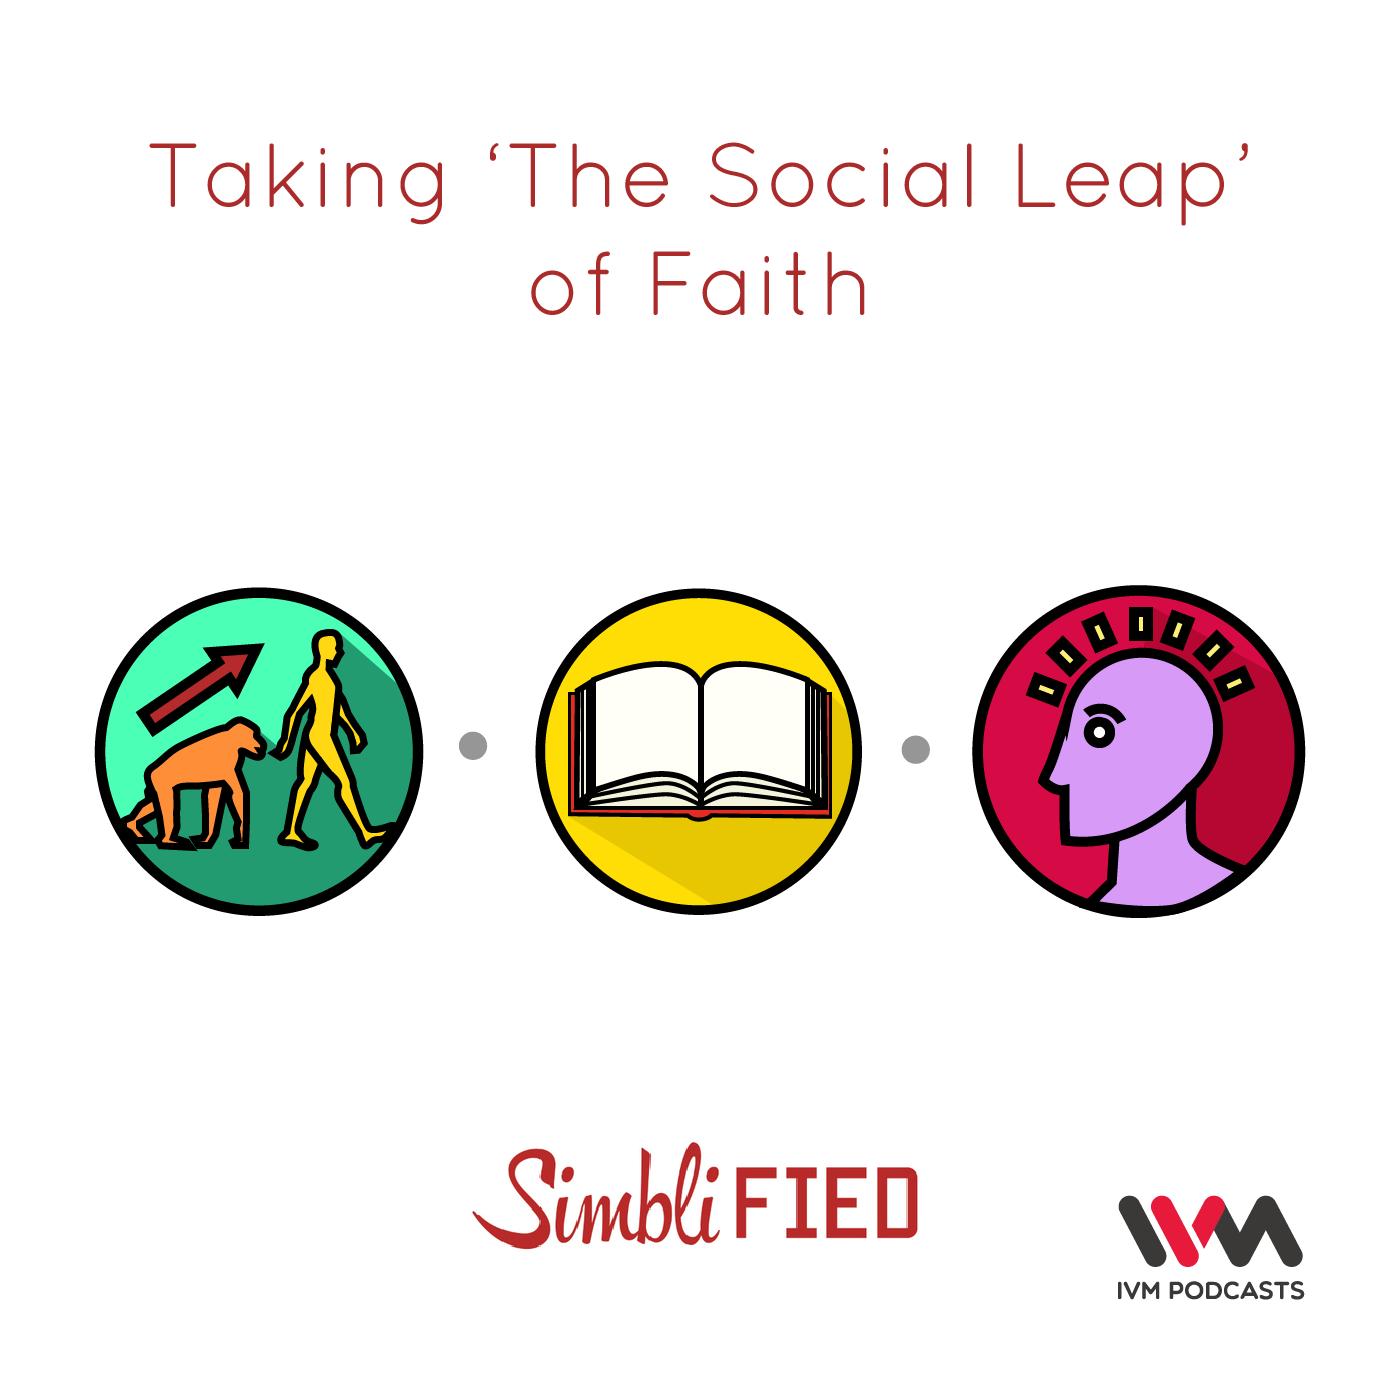 Ep. 172: Taking 'The Social Leap' of Faith